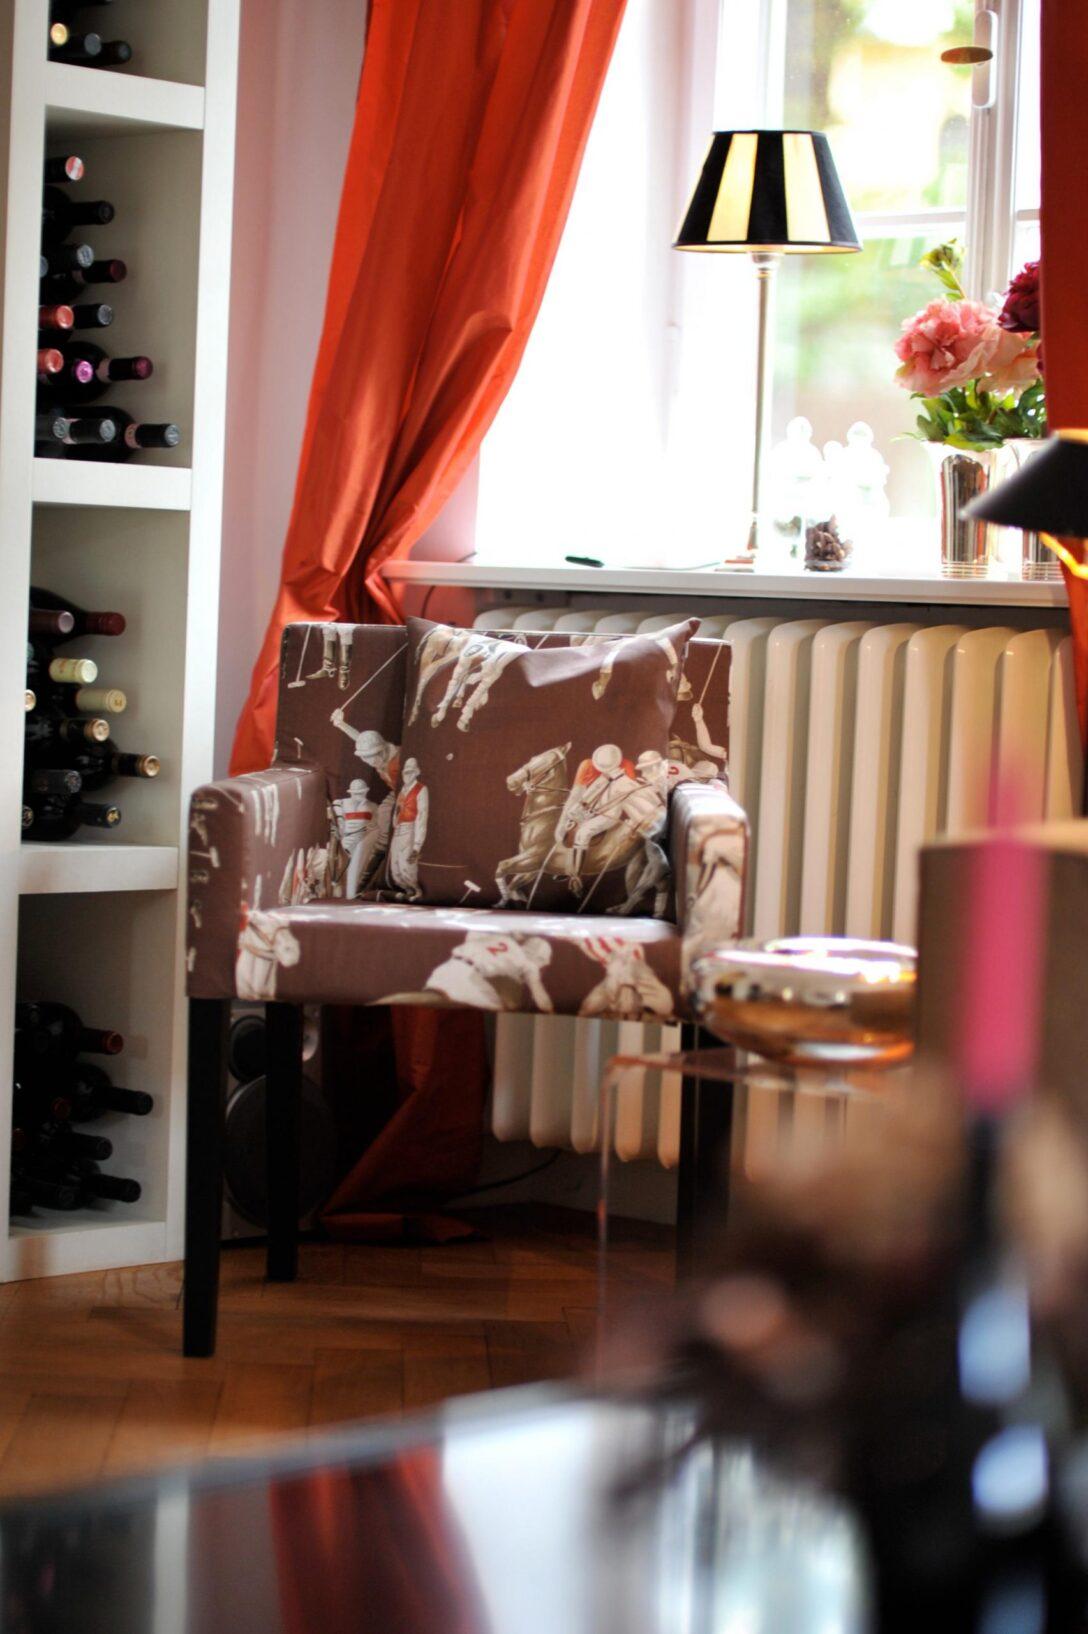 Large Size of Betten Bei Ikea Küche Kaufen Kosten 160x200 Miniküche Modulküche Kreidetafel Sofa Mit Schlaffunktion Wohnzimmer Kreidetafel Ikea